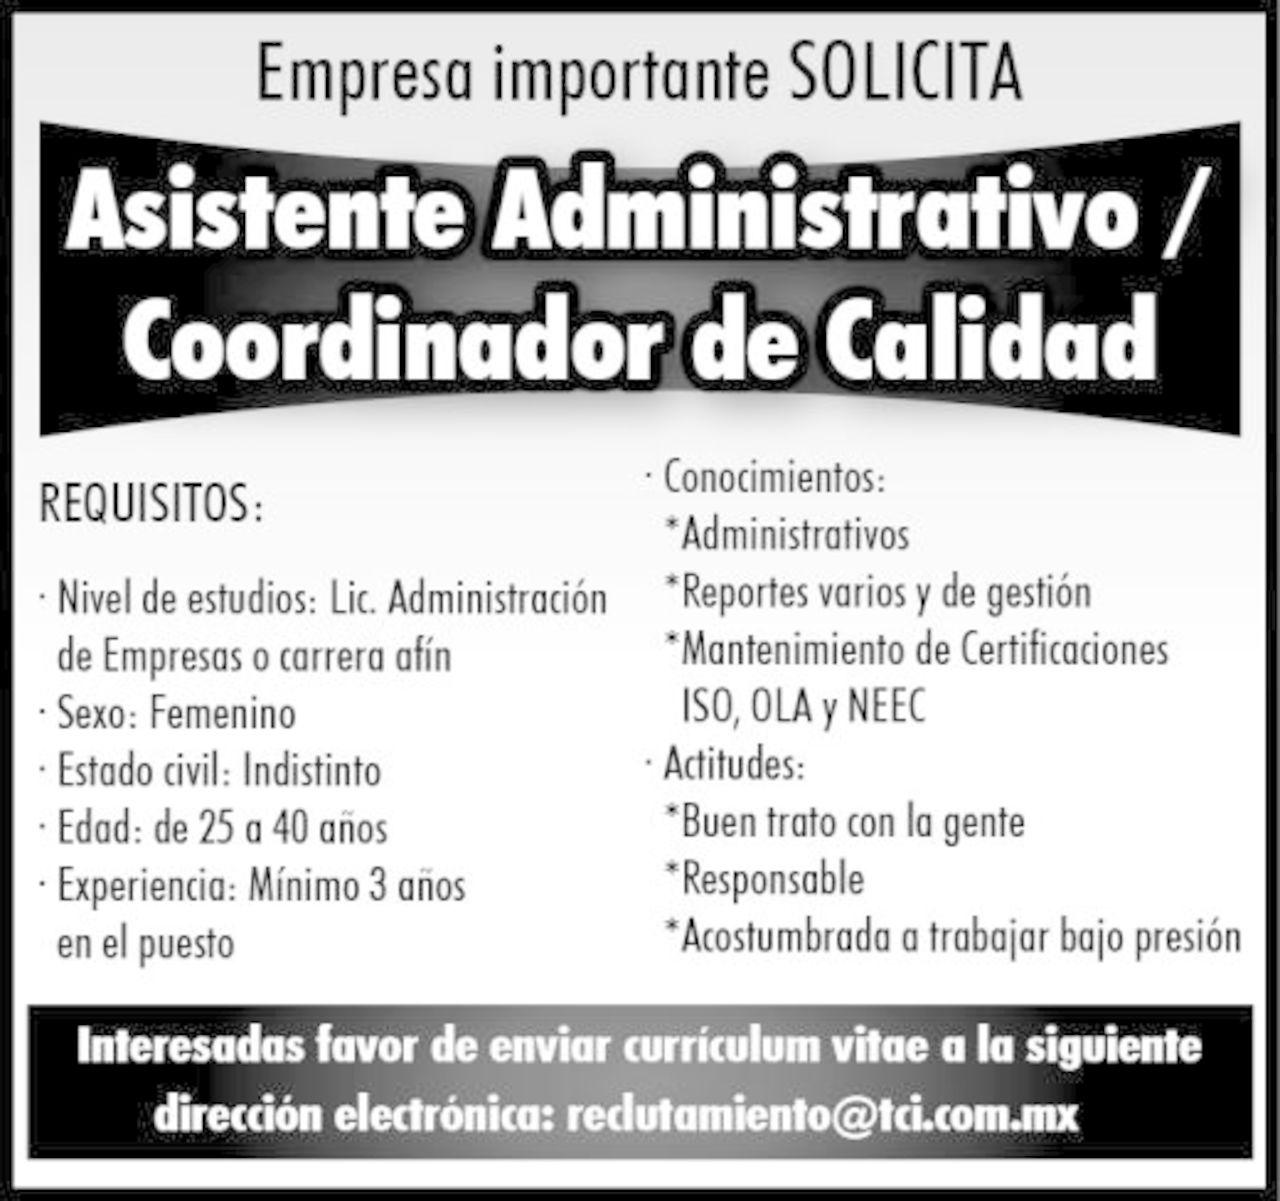 Empleos Asistente Administrativo Torreon Desplegados El Siglo